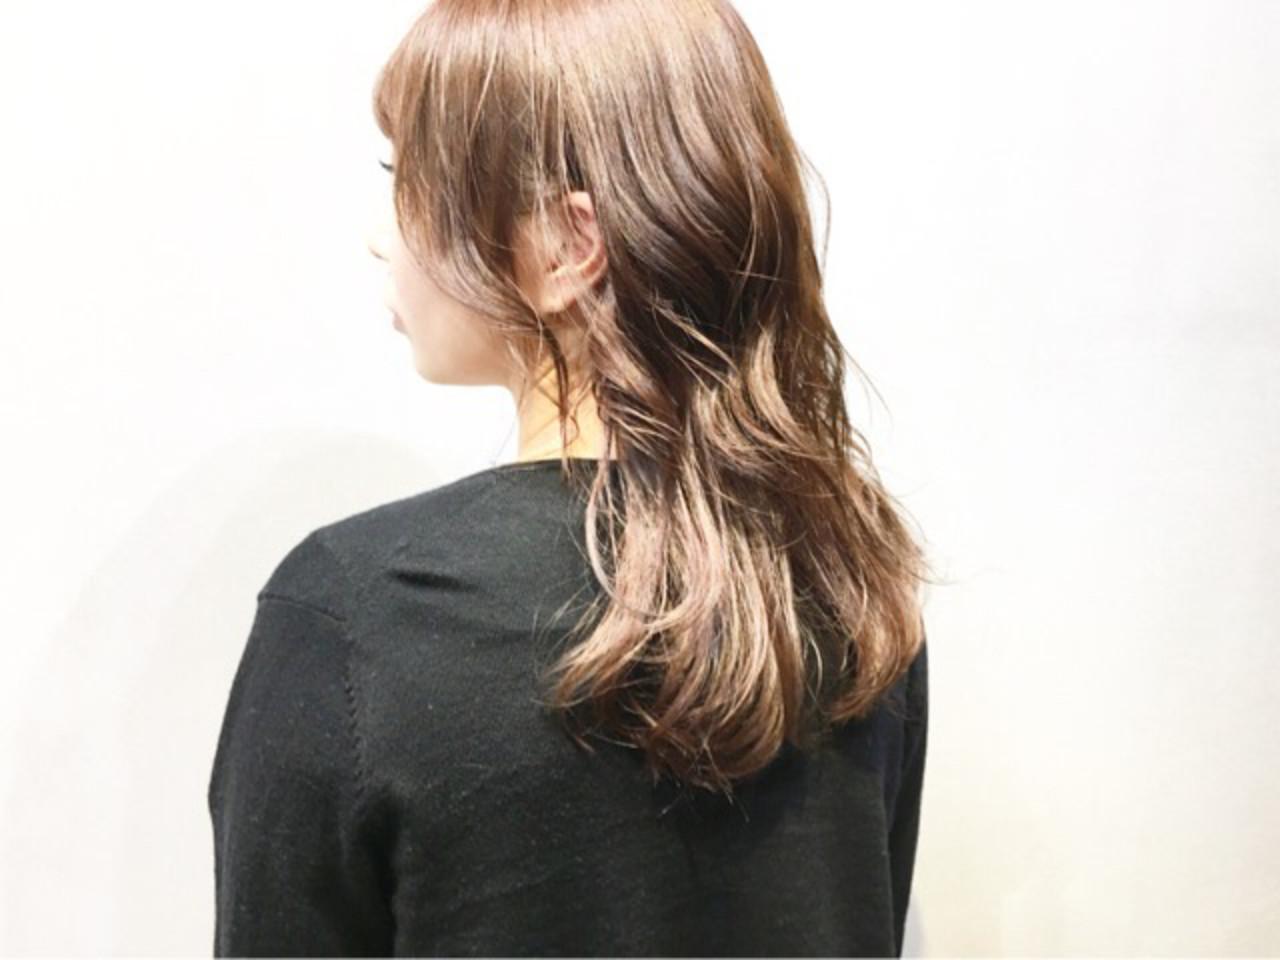 ショコラブラウン アッシュグレー グレージュ ミディアム ヘアスタイルや髪型の写真・画像 | COM PASS タイチ / COM PASS